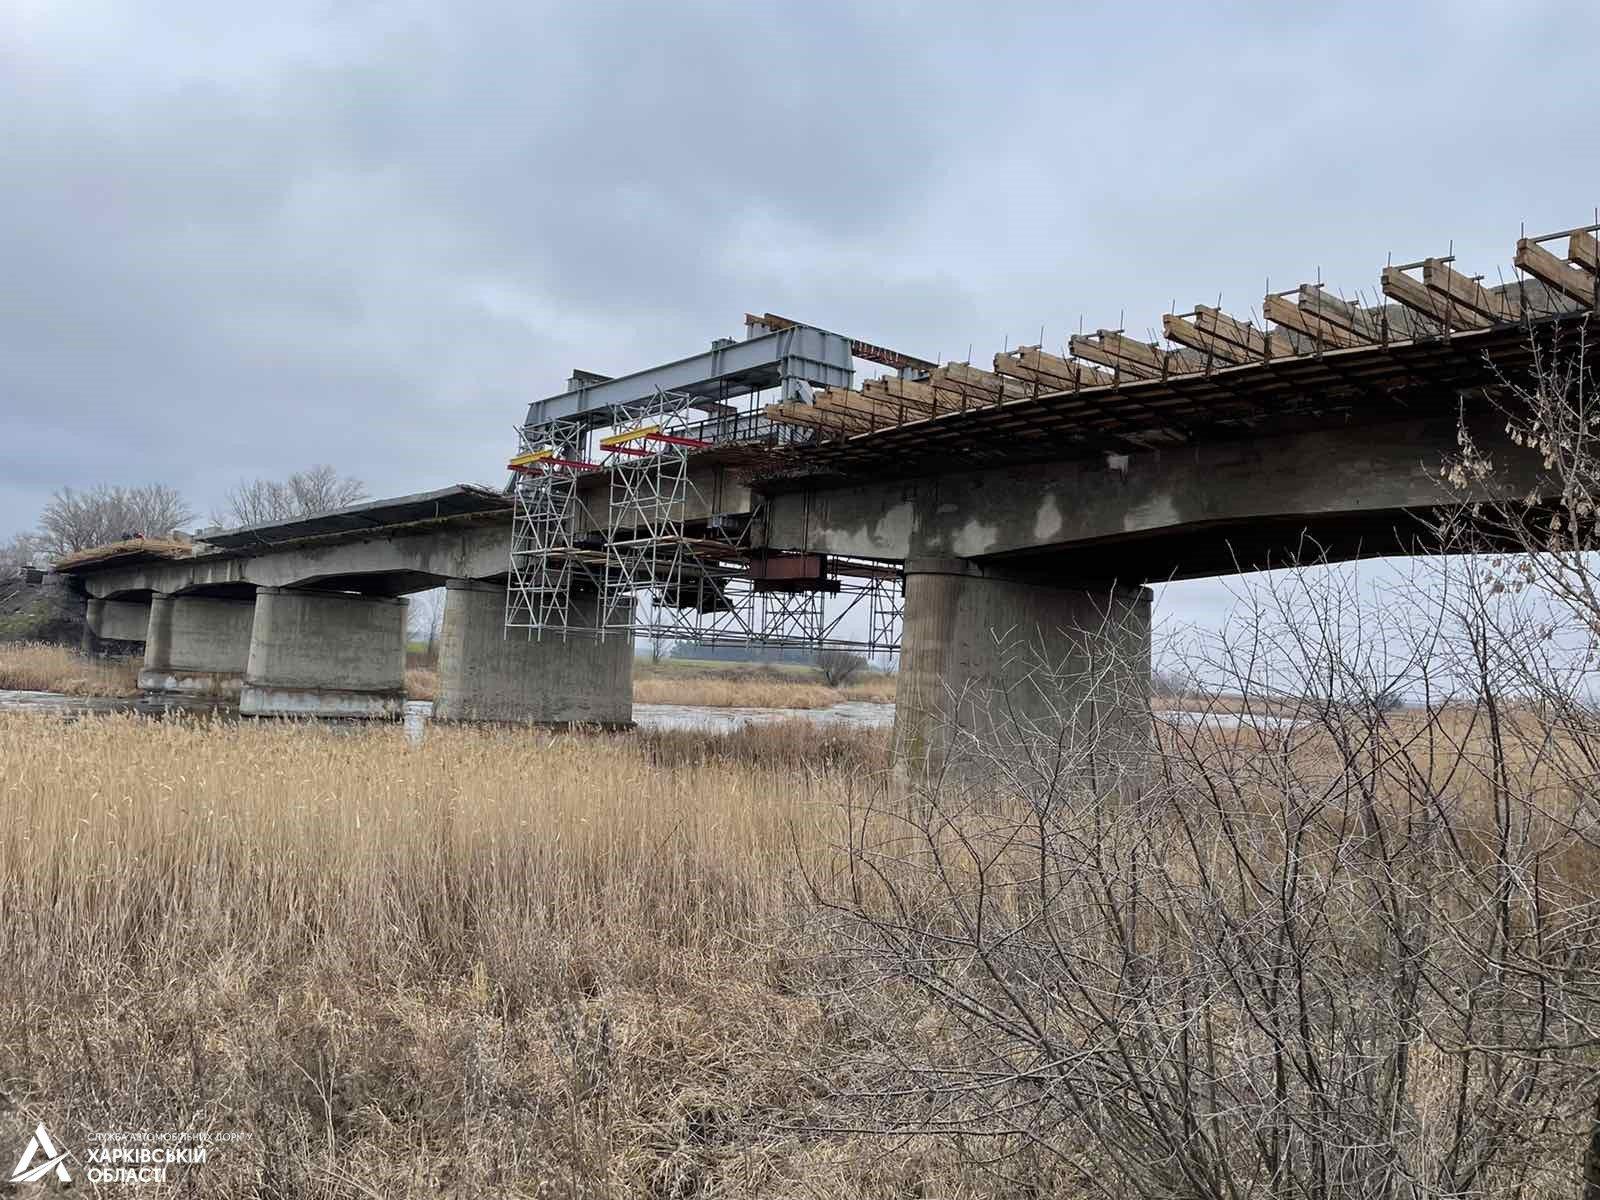 На границе Харьковской и Днепропетровской областей ремонтируют мост (фото, схема объезда)